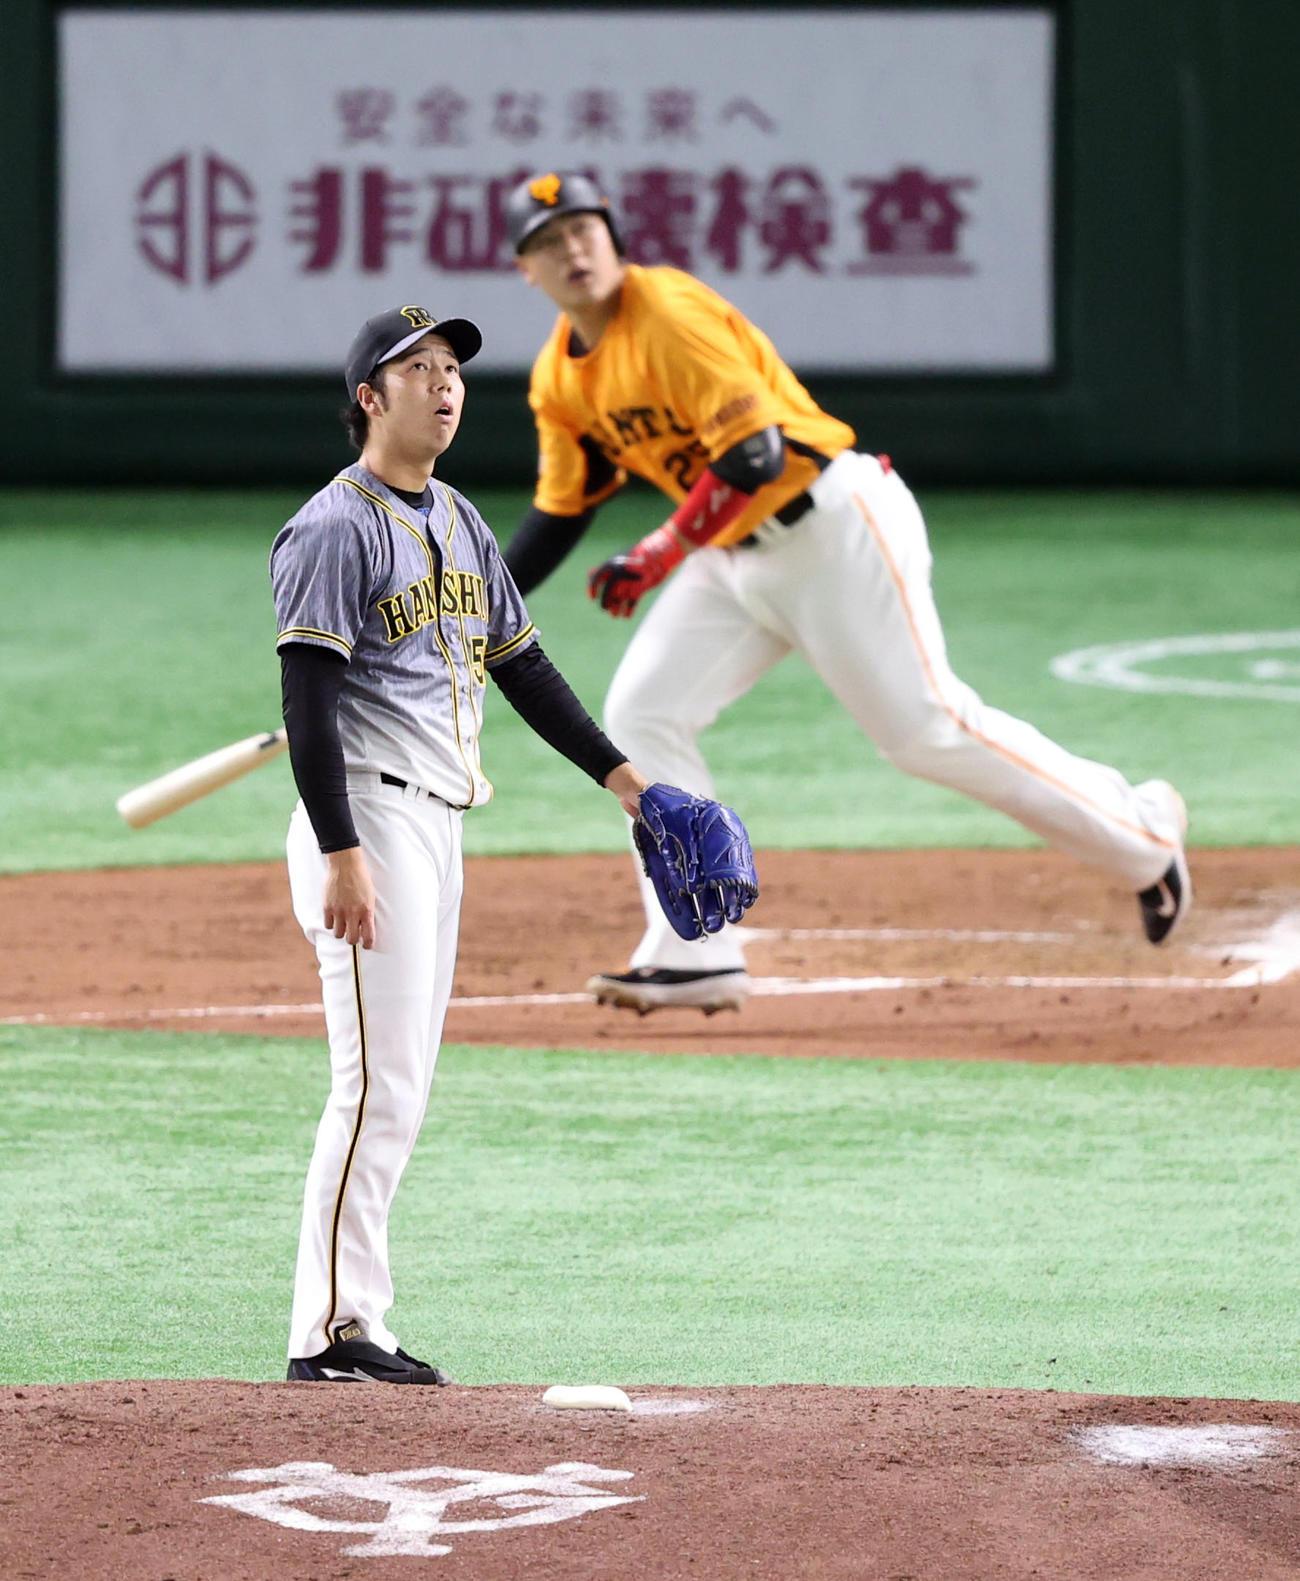 巨人対阪神 2回裏巨人無死、岡本和にソロ本塁打を浴びる青柳(撮影・狩俣裕三)